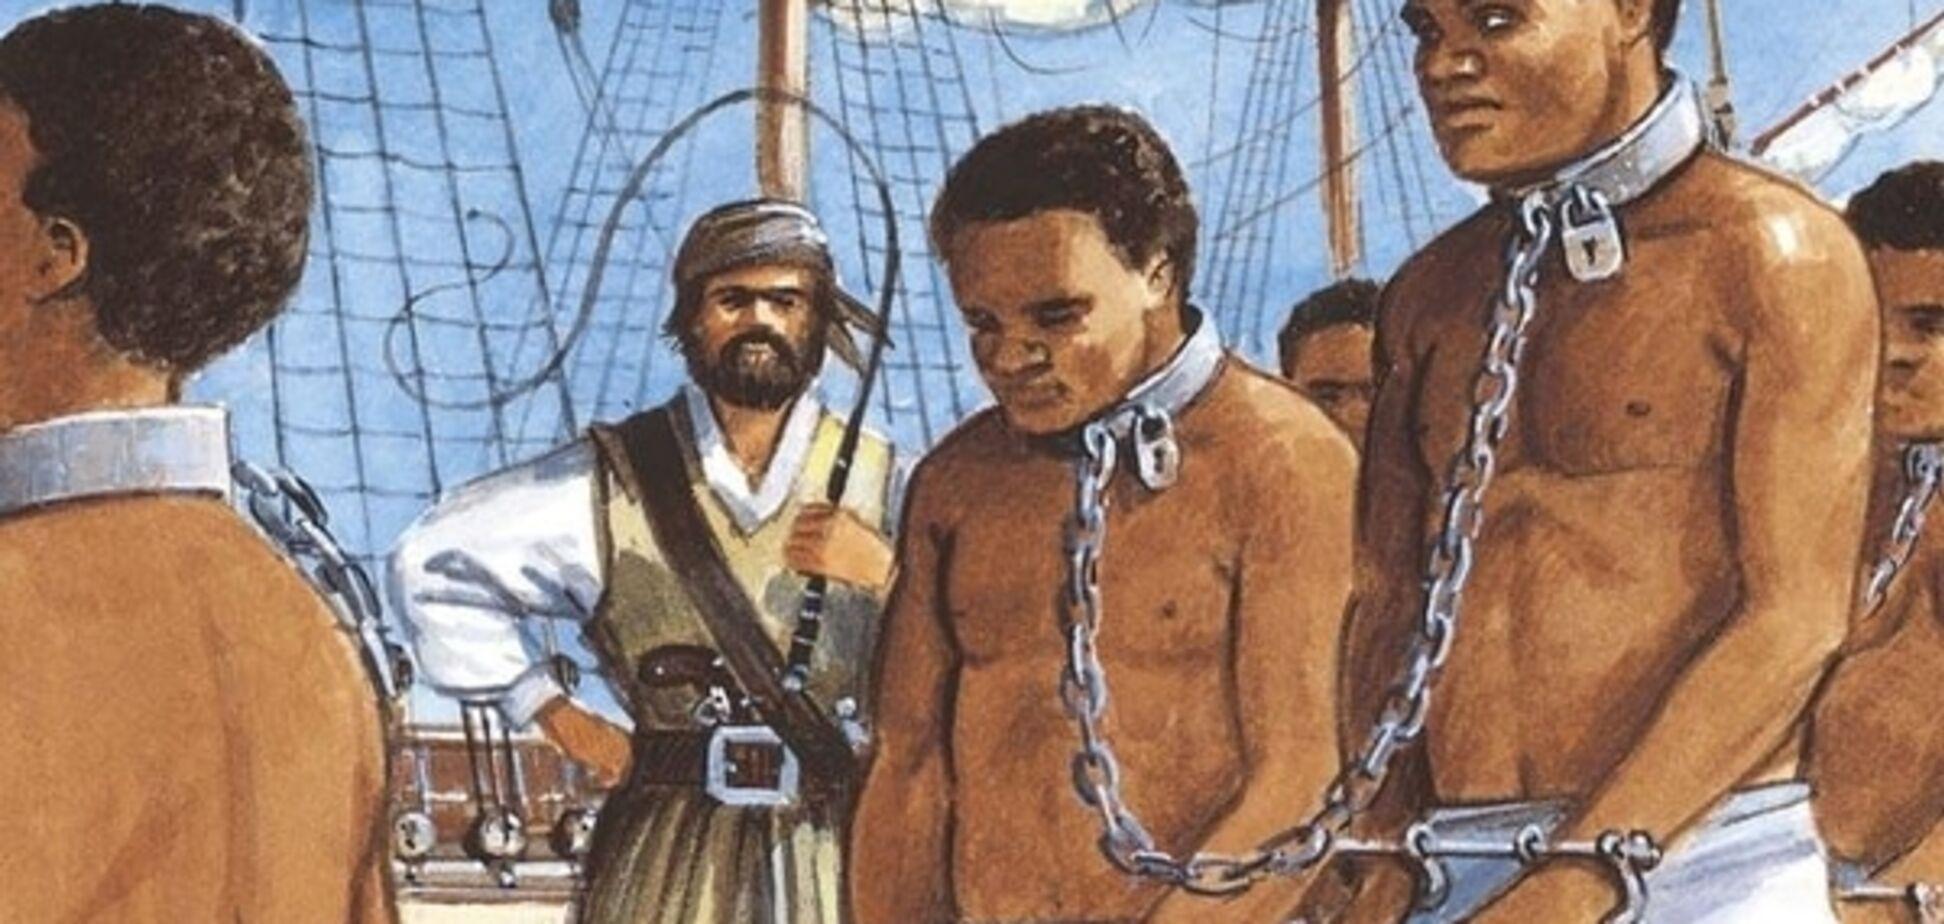 Інша історія: в американському підручнику 'рабів' замінили на 'робочих'